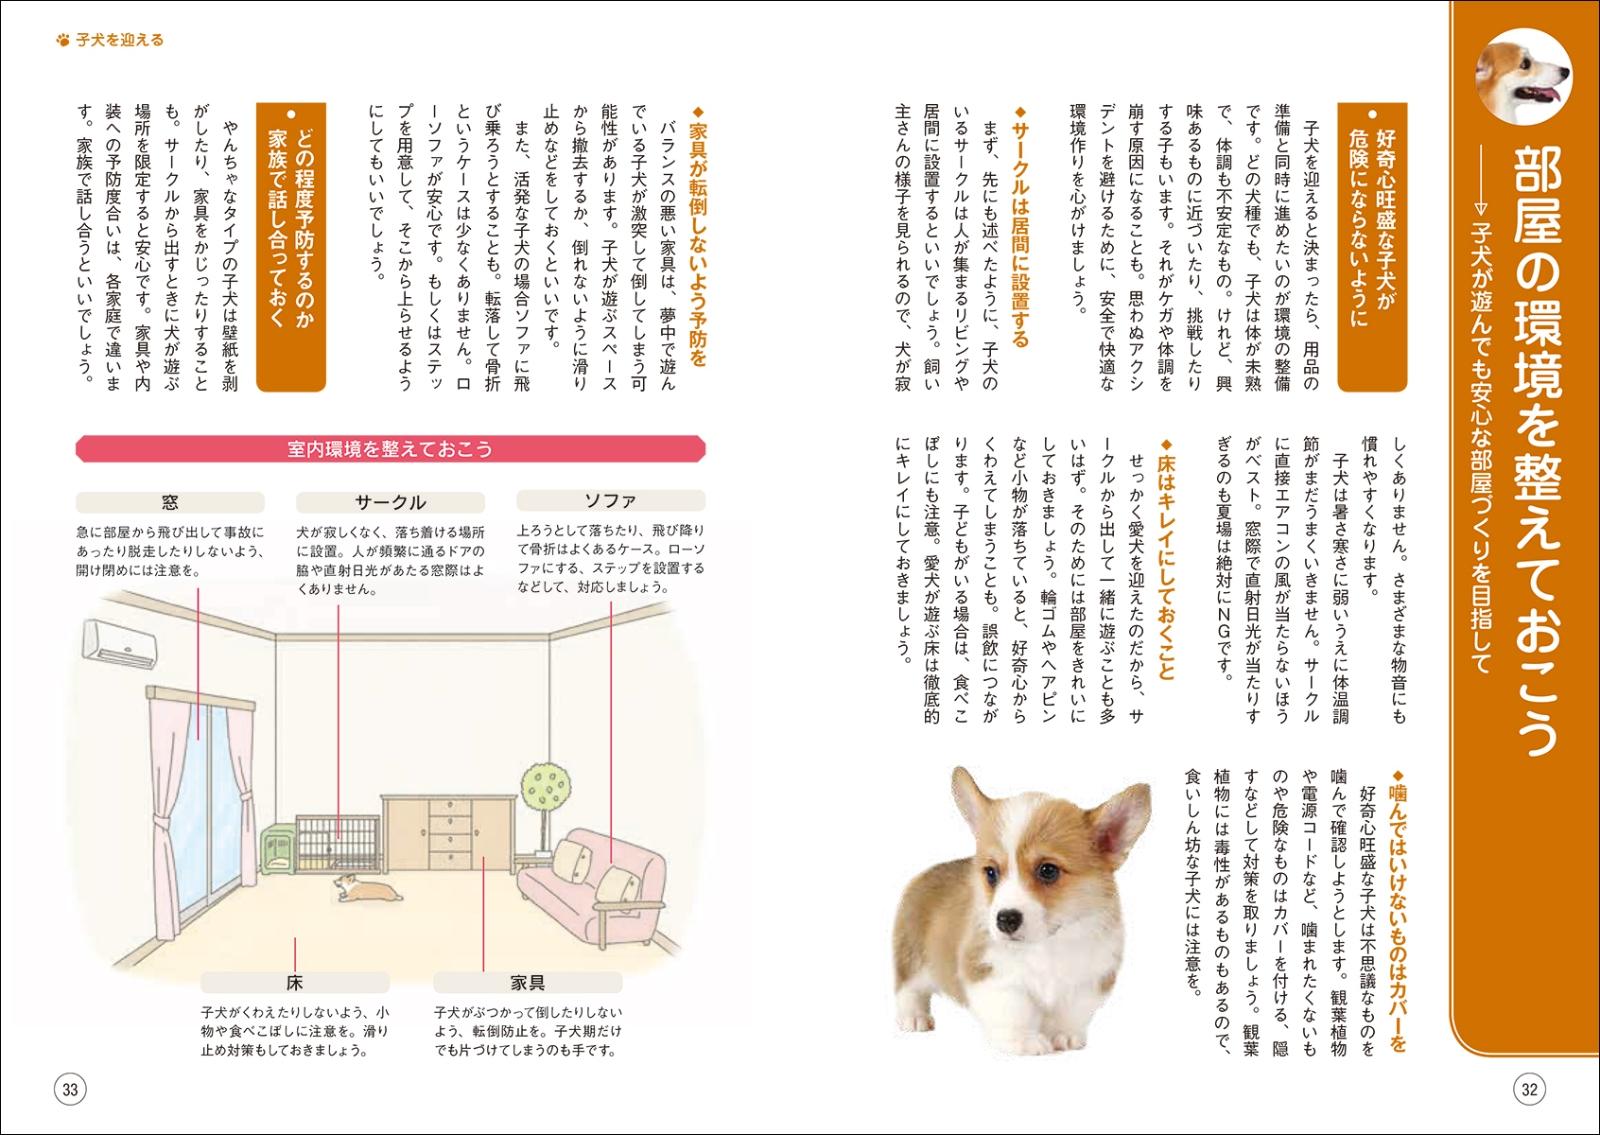 楽天ブックス もっと楽しい ウェルシュ コーギーライフ 愛犬の友編集部 本